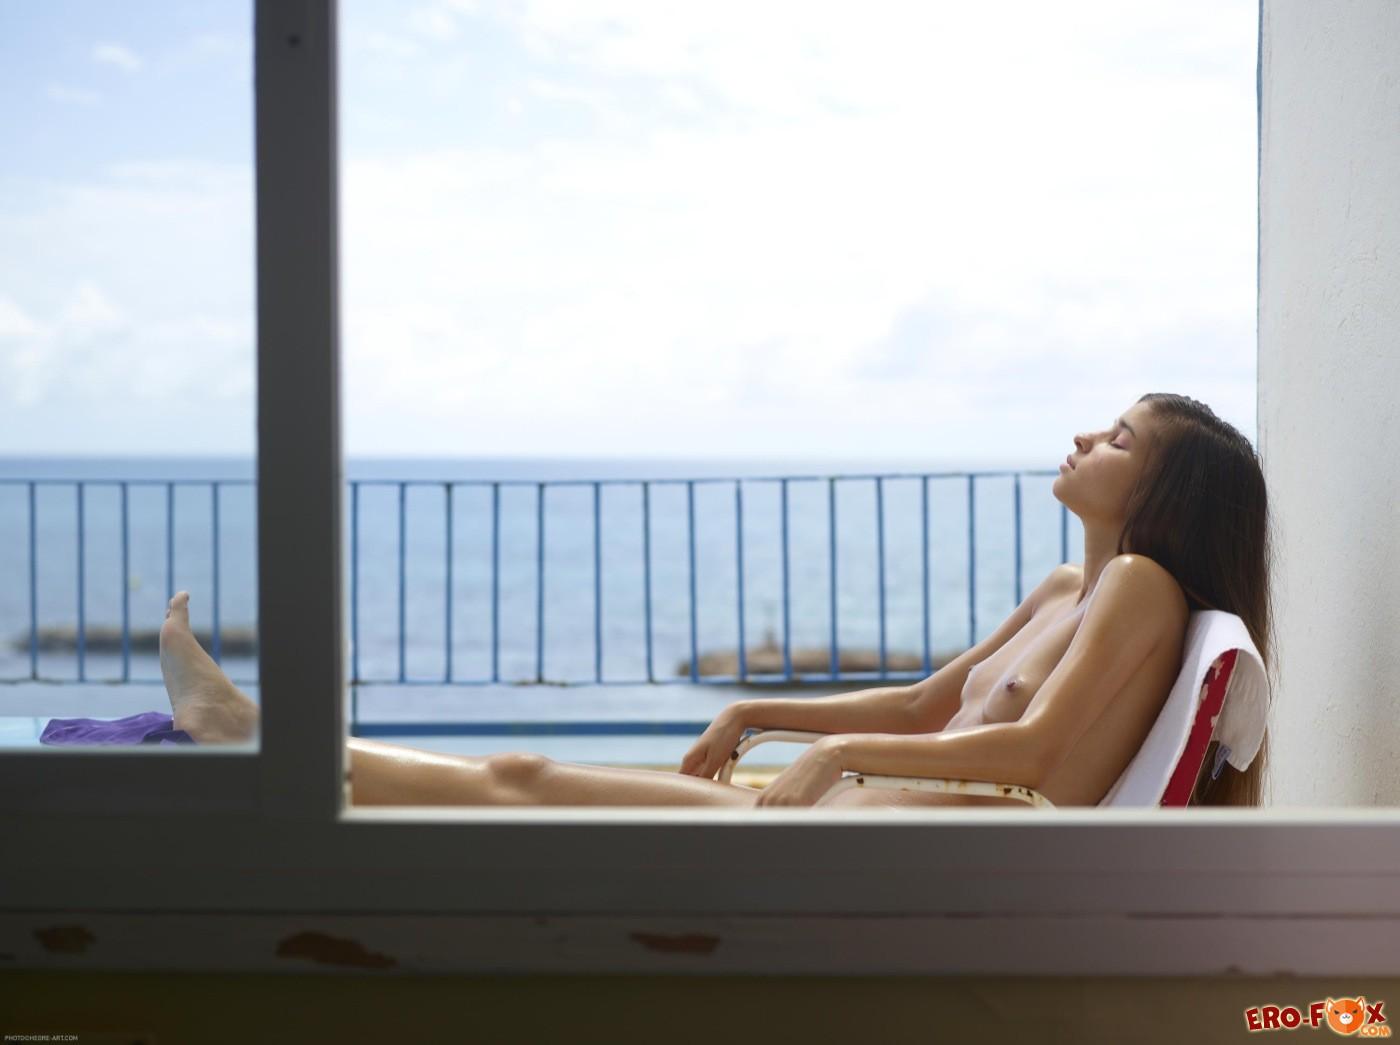 Намазанная маслом голая девка загорает на балконе - фото